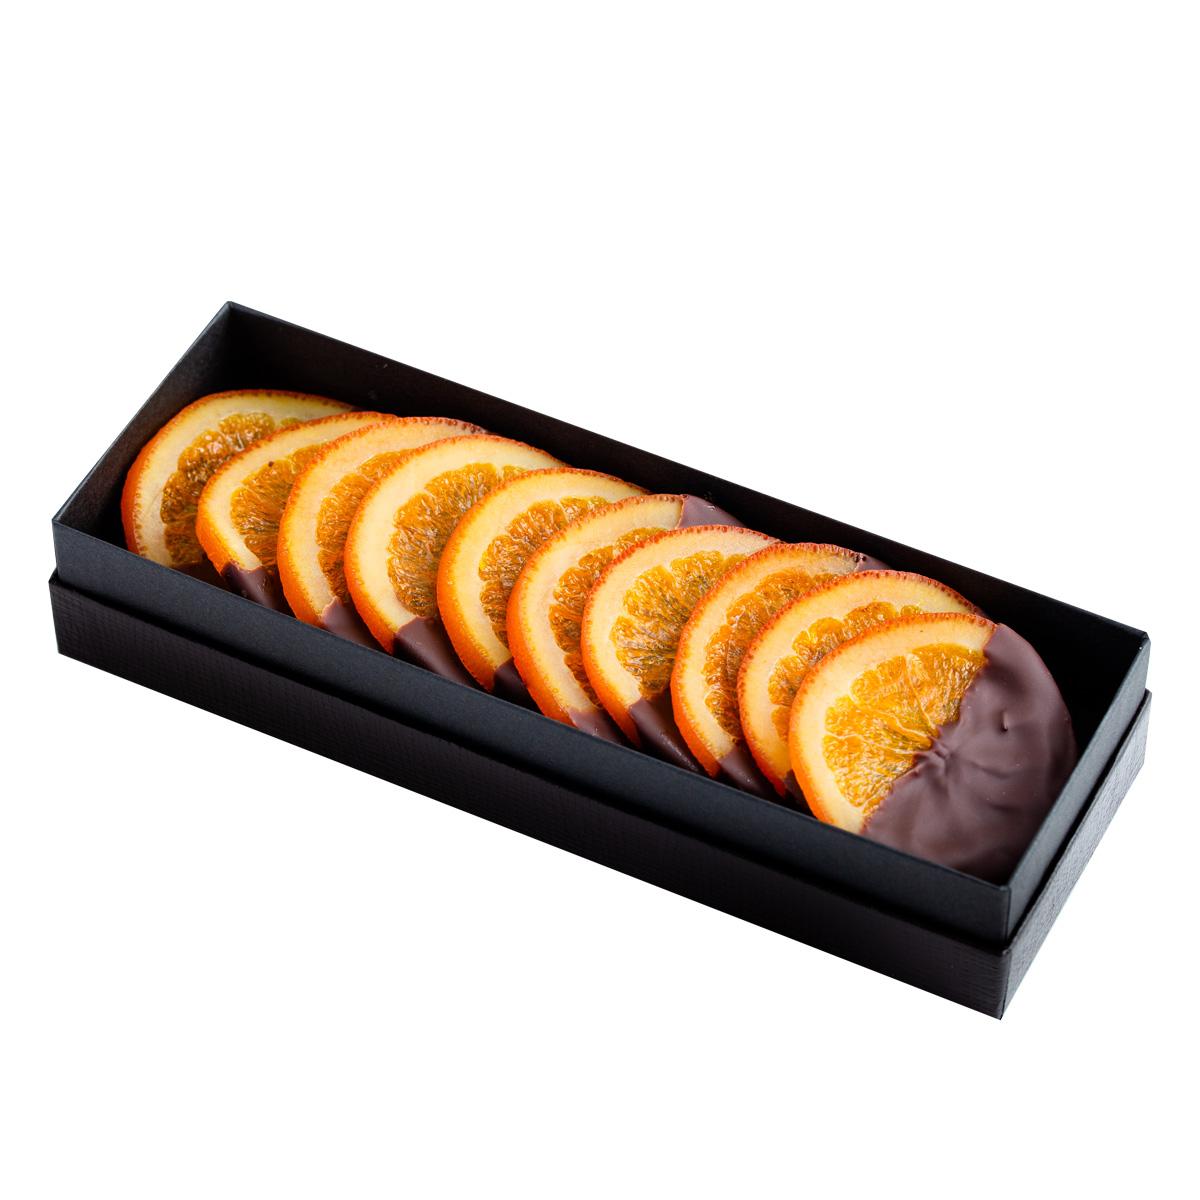 バレンシア<10枚入り>・ジューシーなバレンシア産オレンジとビターチョコレートのマリアージュ。Decadence du Chocolatの看板商品です。